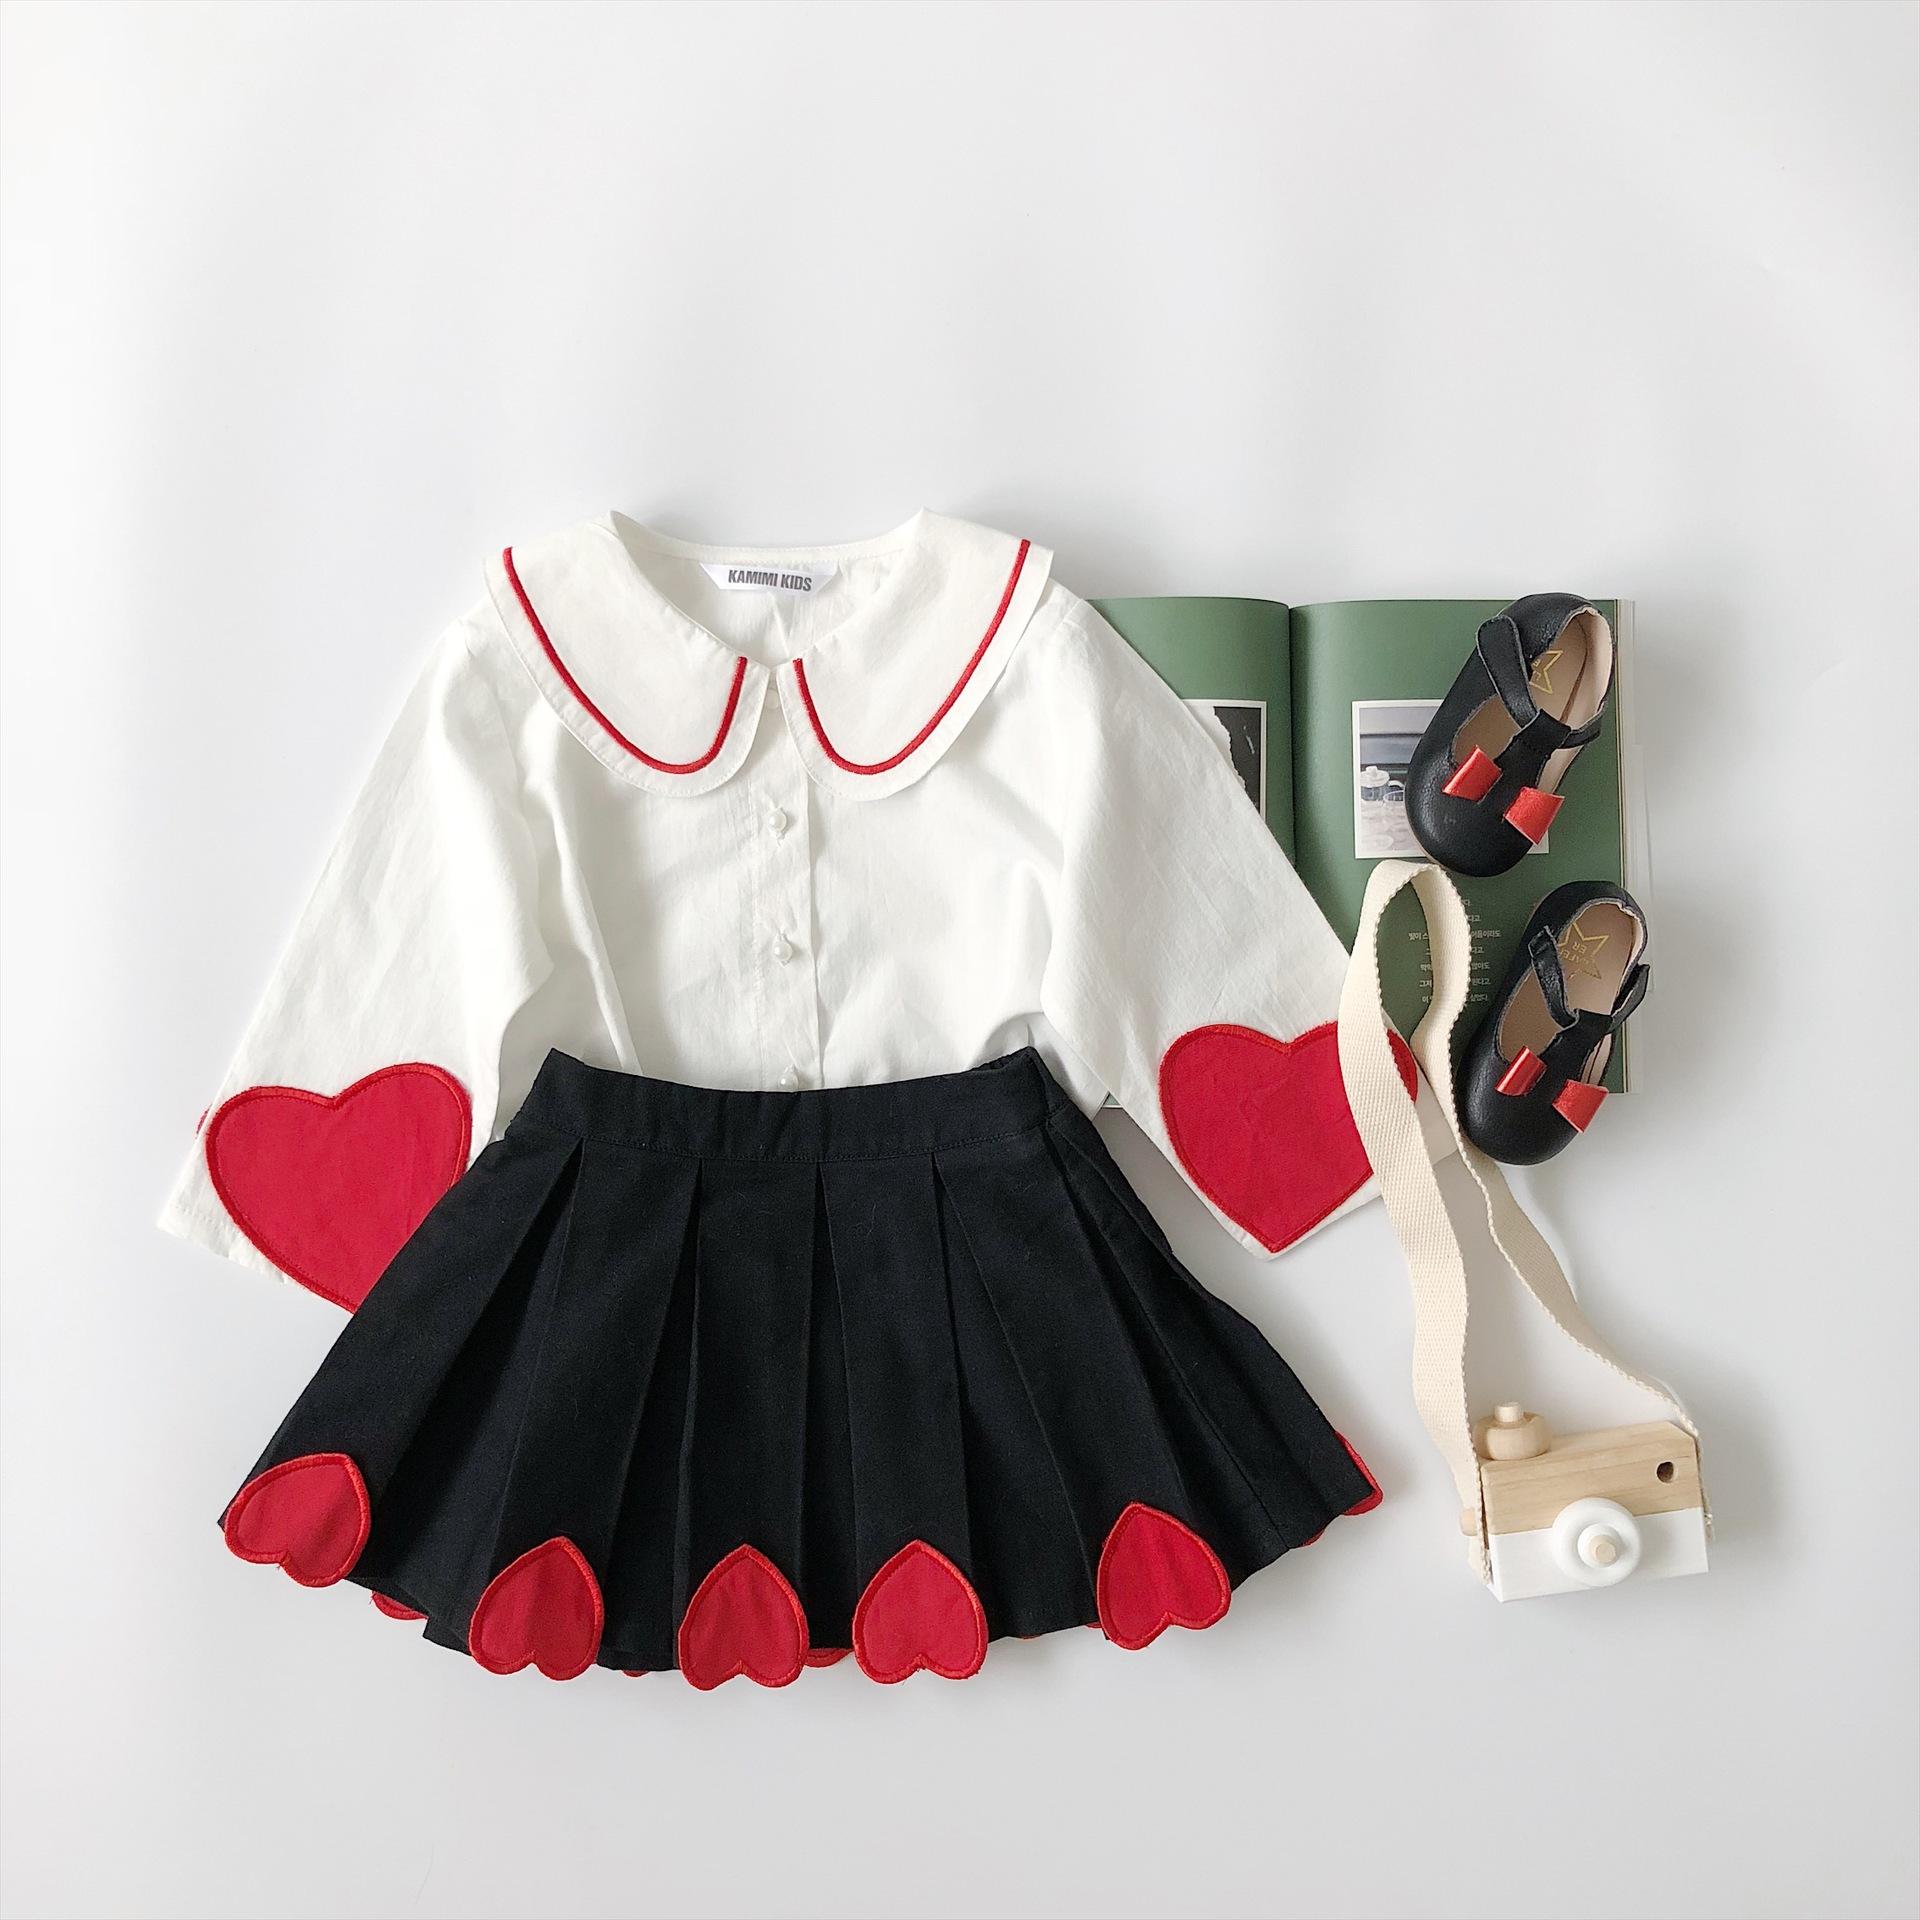 童装卫衣套装批发_儿童短裙大全 - 阿里巴巴海量精选高清图片